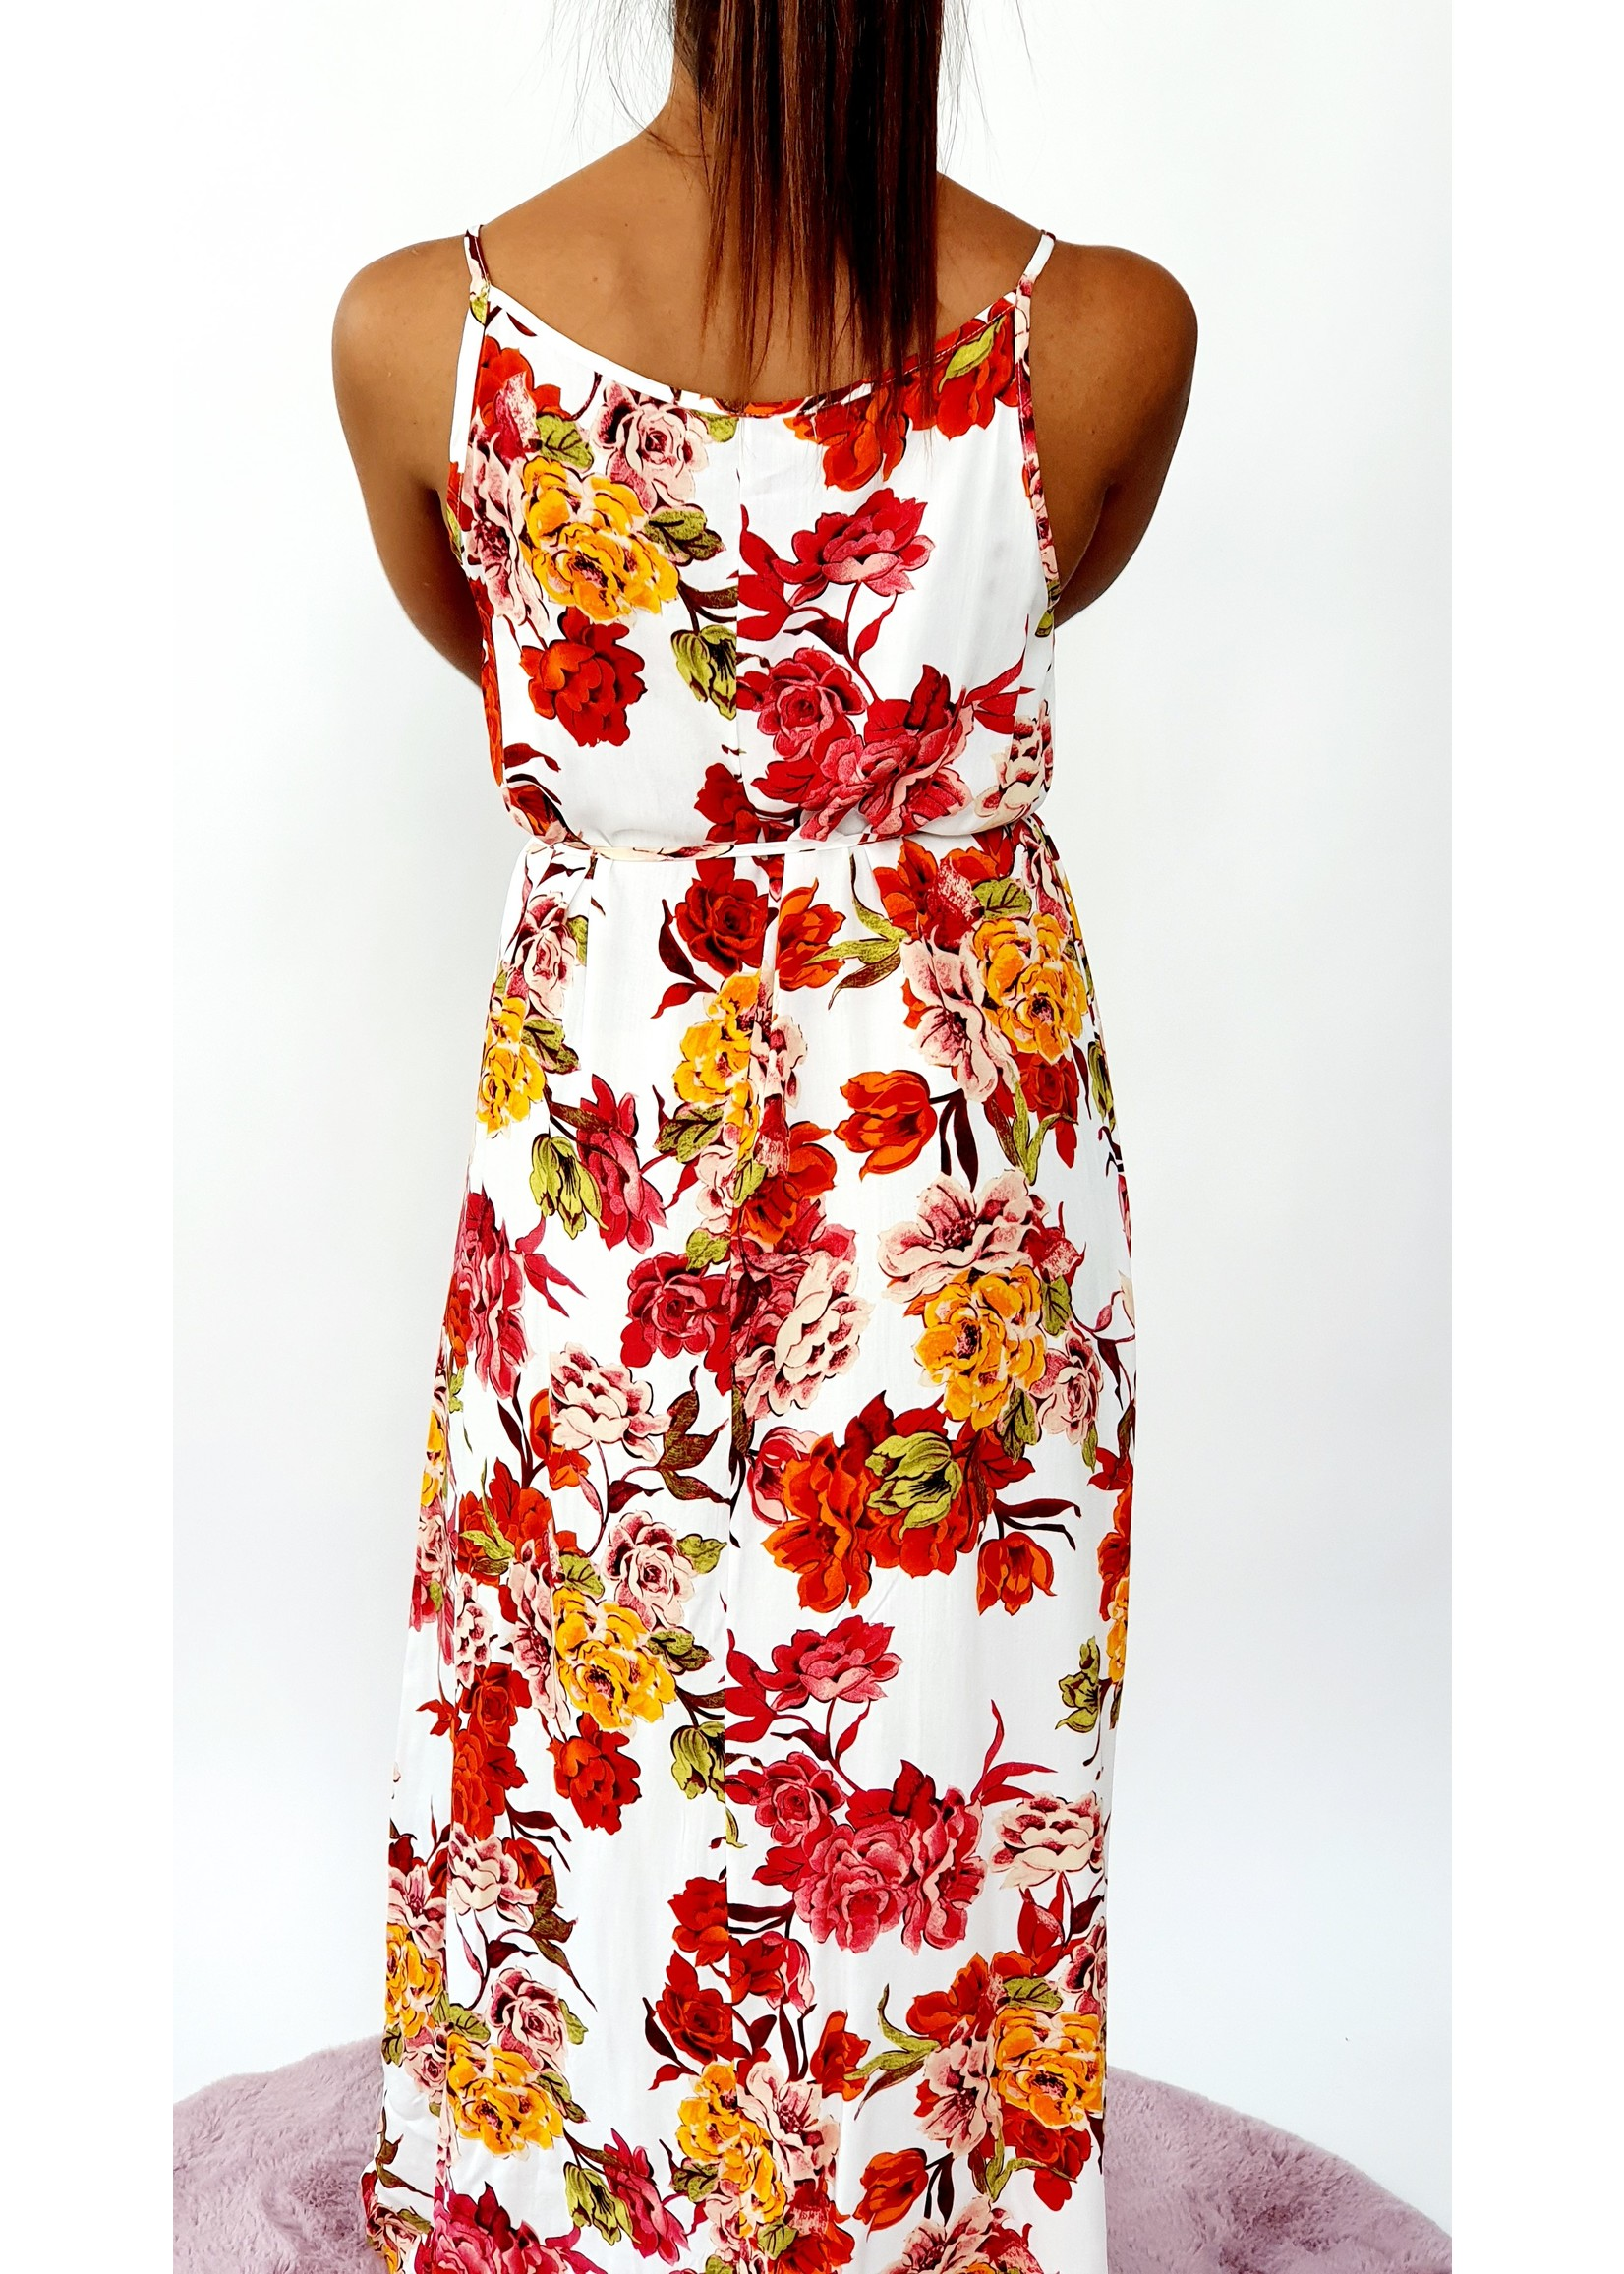 Thé garden dress